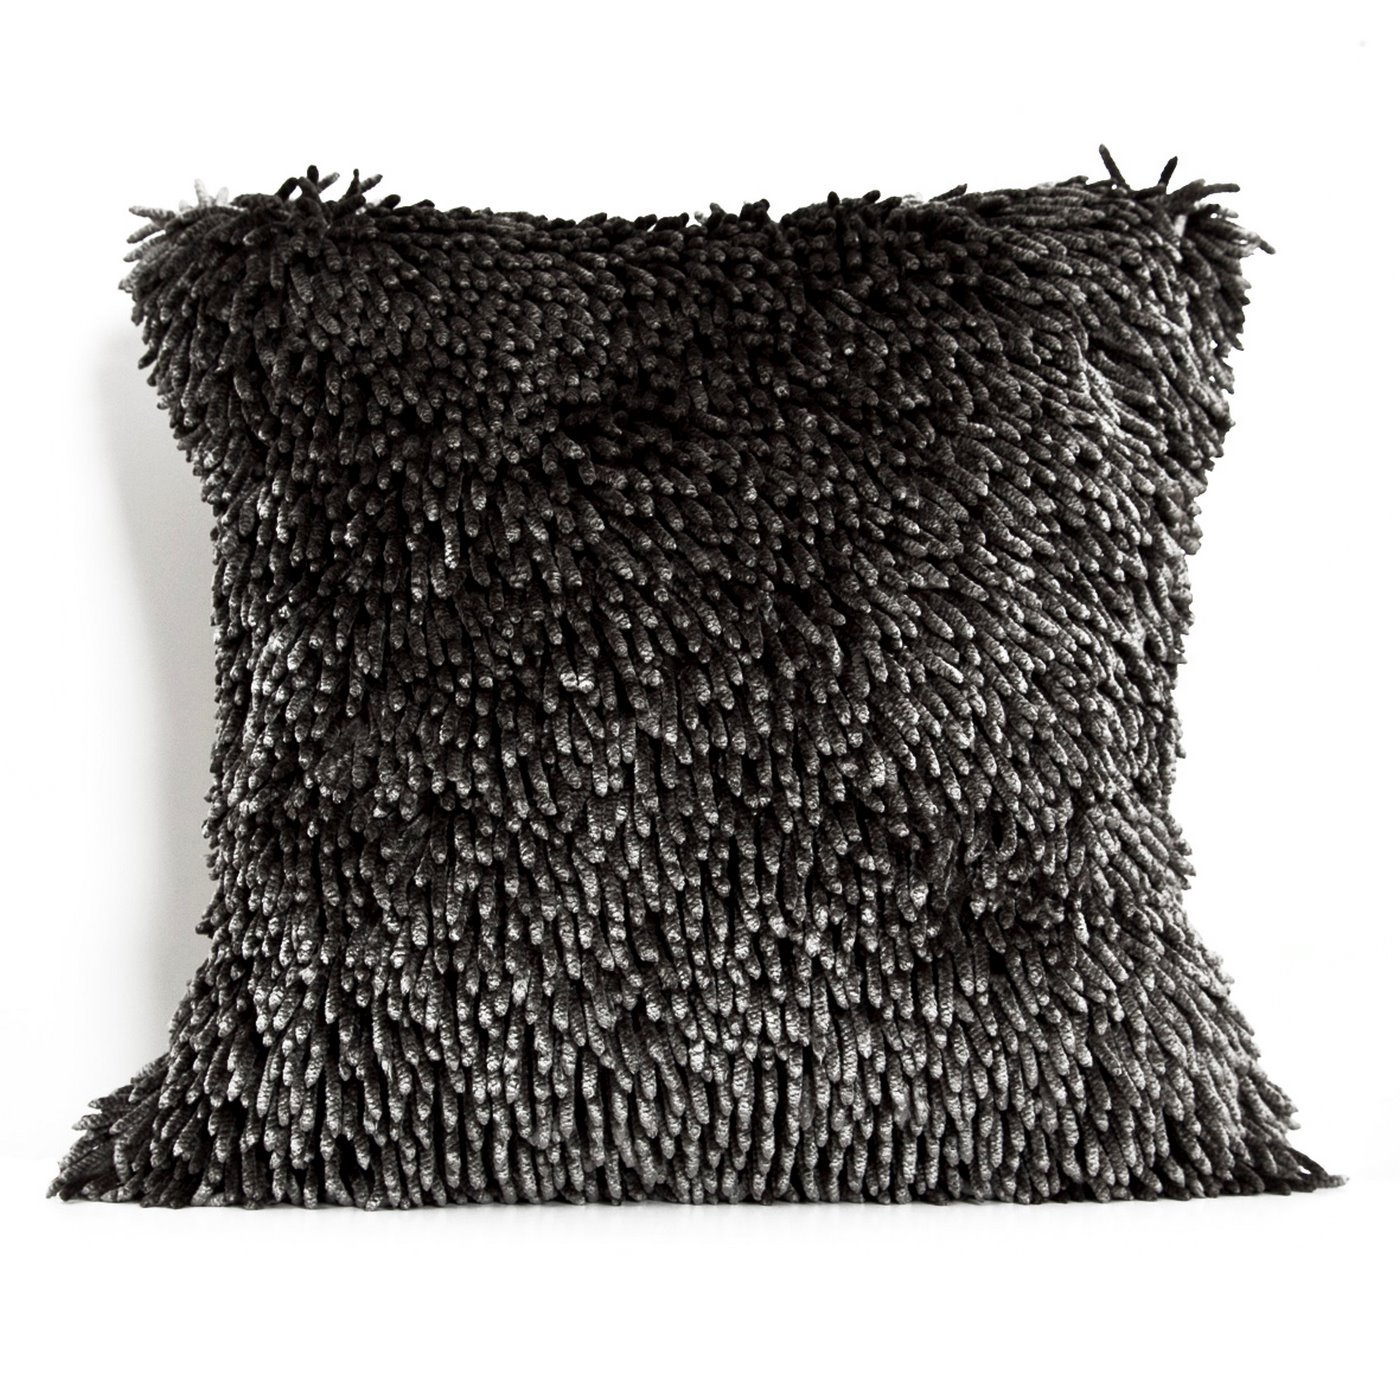 Poszewka na poduszkę włosie shaggy stalowoszara 40 x 40 cm